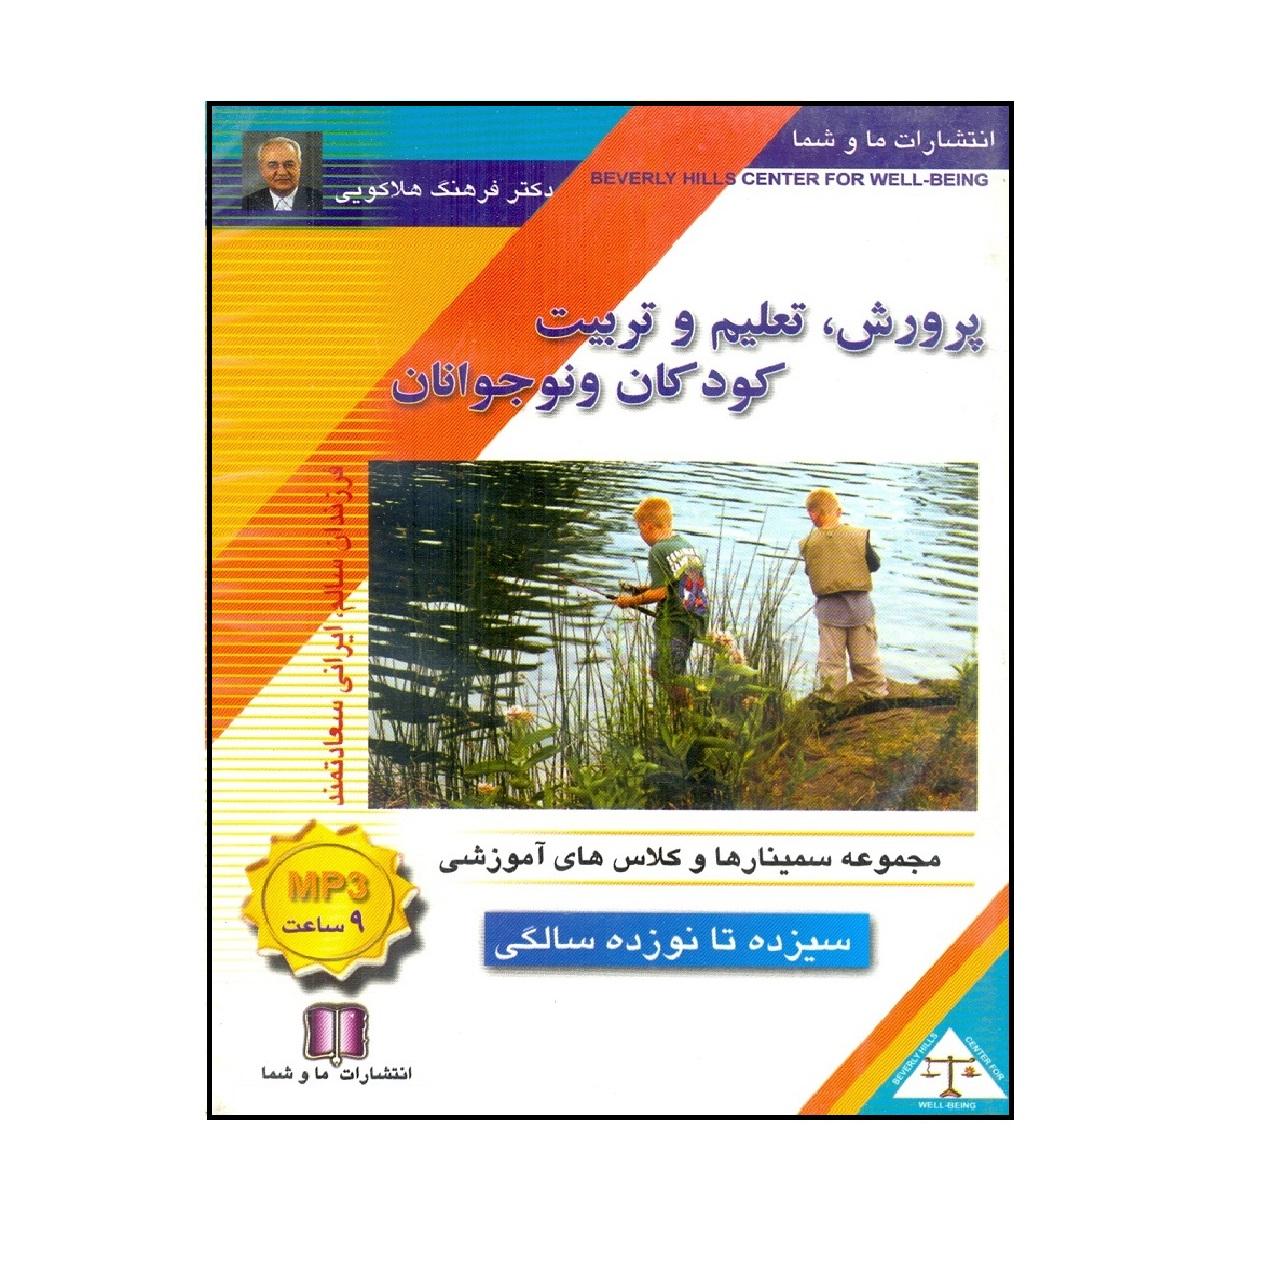 کتاب صوتی پرورش و تعلیم وتربیت کودکان ونوجوانان 13 تا 19 سالگی اثر دکتر فرهنگ هلاکویی